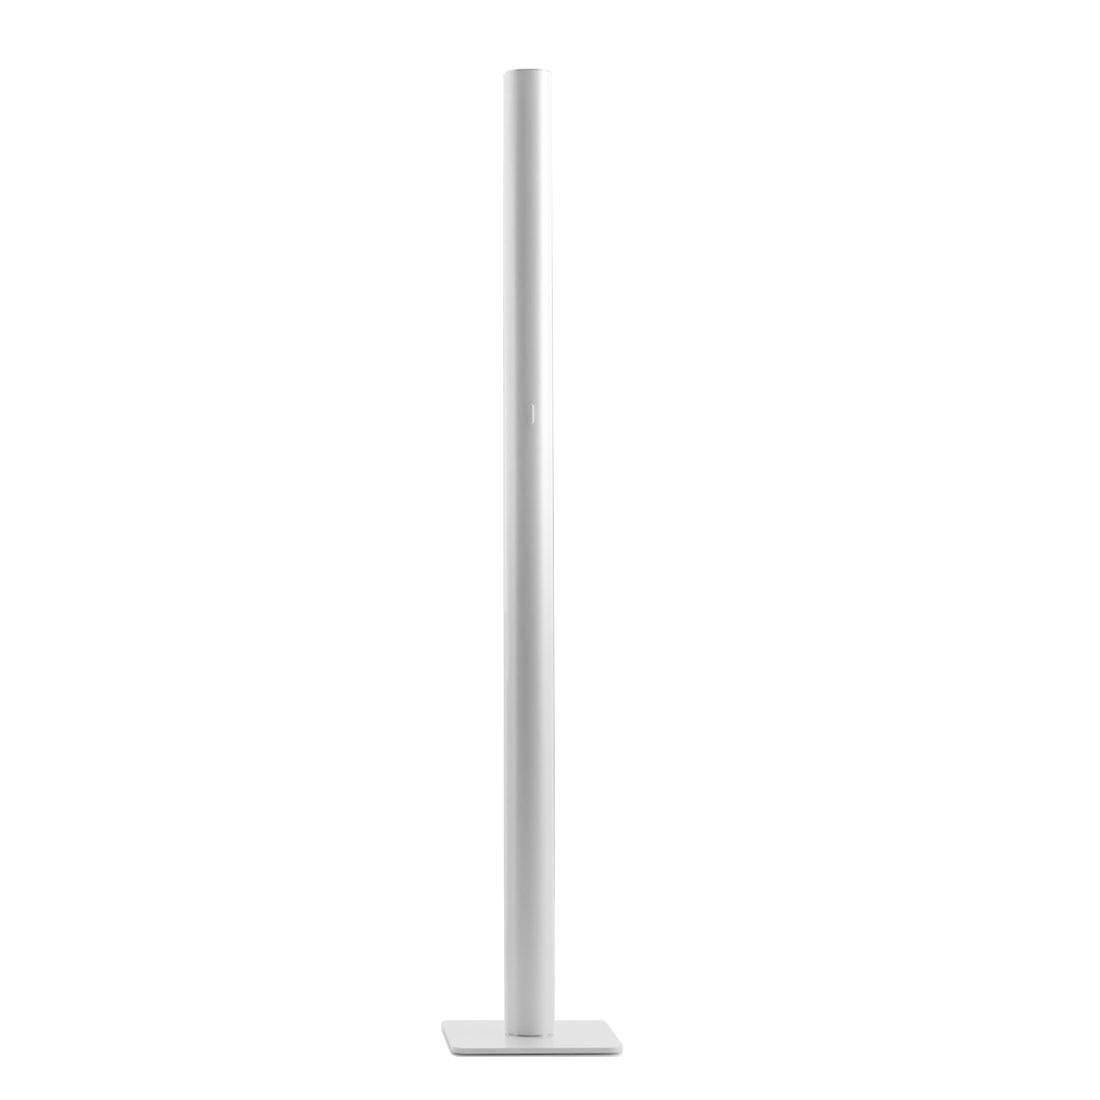 Artemide - Ilio LED Stehleuchte - weiß/glänzend/LxBxH 30x30x175cm/3000K/3564lm/CRI=90   Lampen > Stehlampen > Standleuchten   Weiß   Aluminium   Artemide